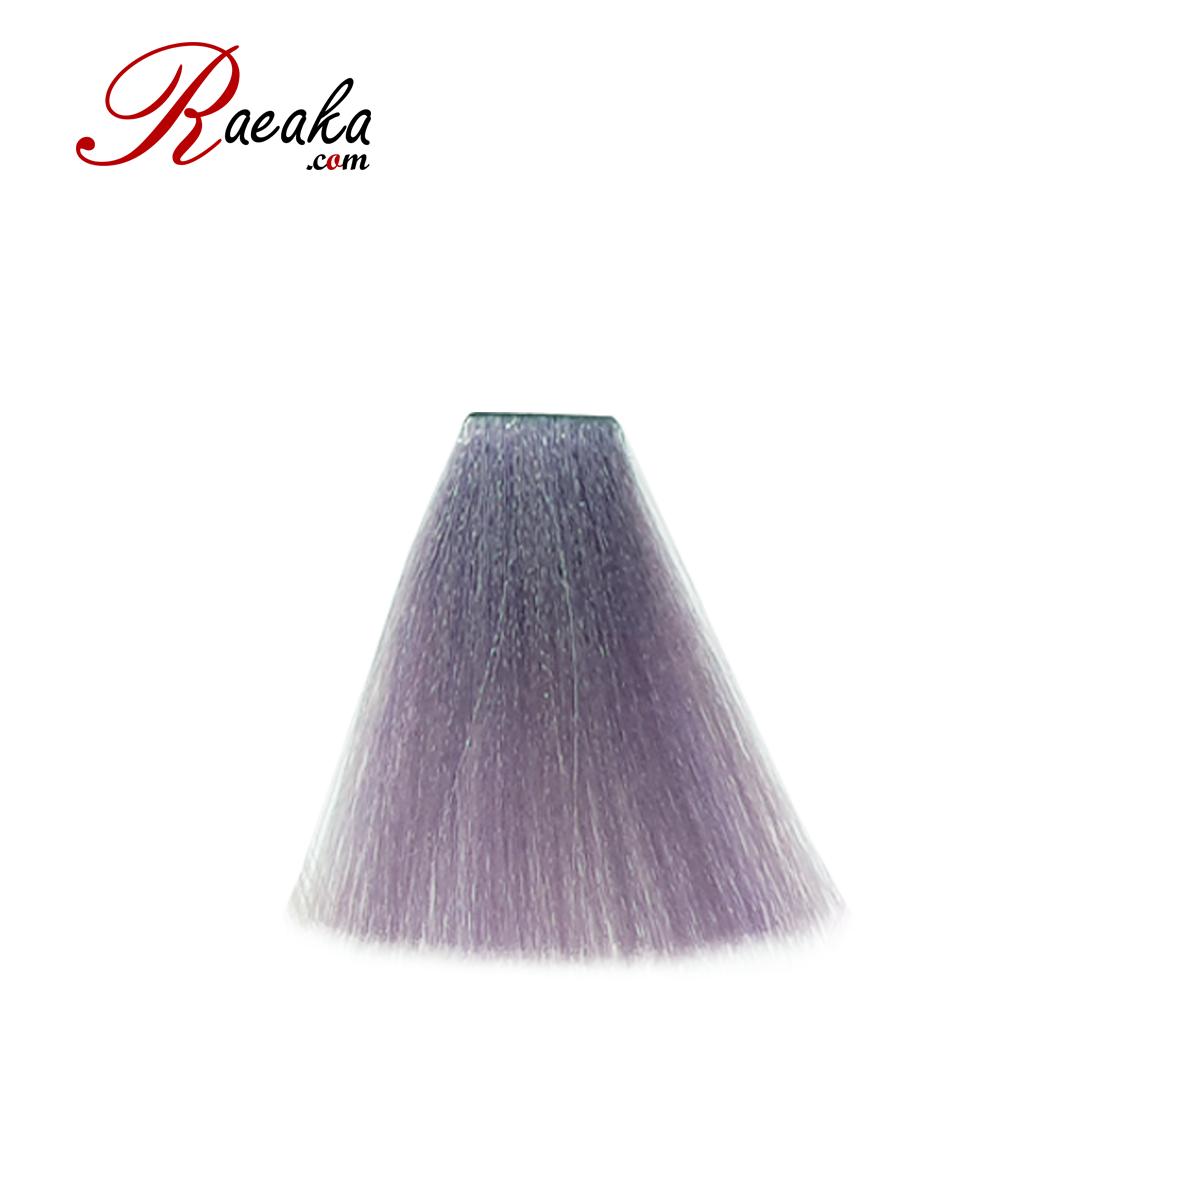 رنگ مو دوماسی سری رنگ های ترکیبی اسکای بلو ۷٫۹۰۰ حجم ۱۲۰ میلی لیتر